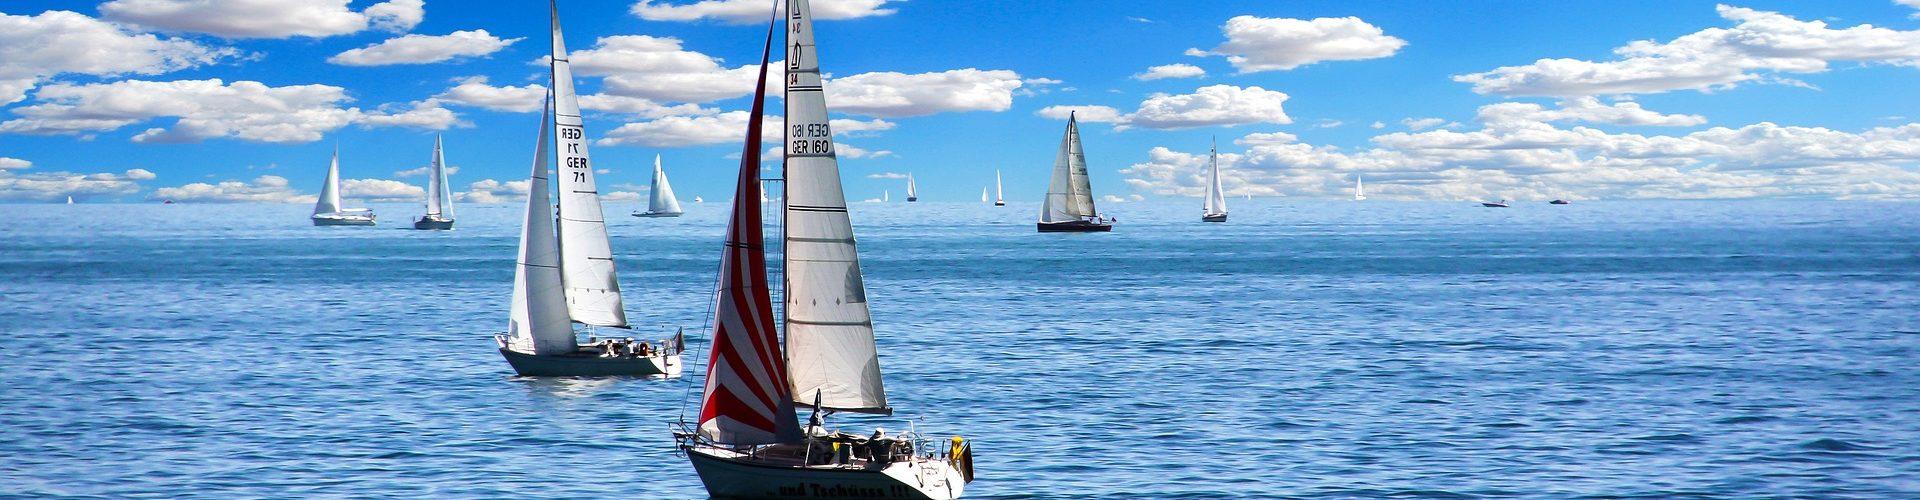 segeln lernen in Flein segelschein machen in Flein 1920x500 - Segeln lernen in Flein